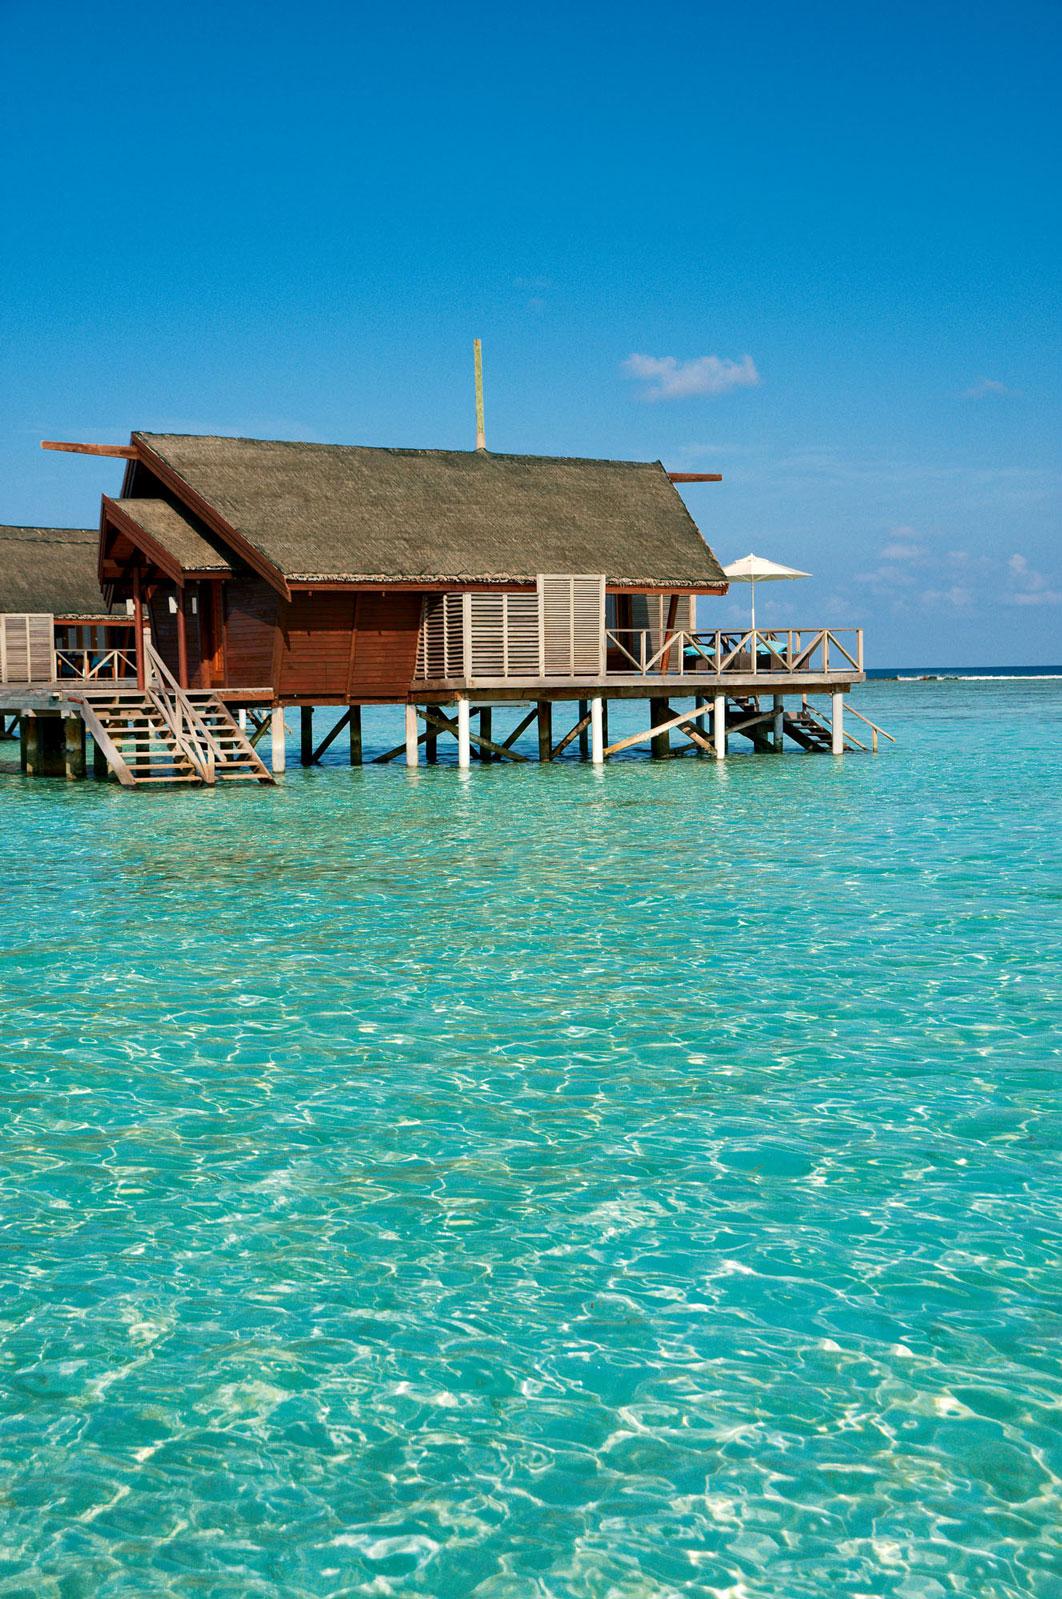 LUX-Maldives-11